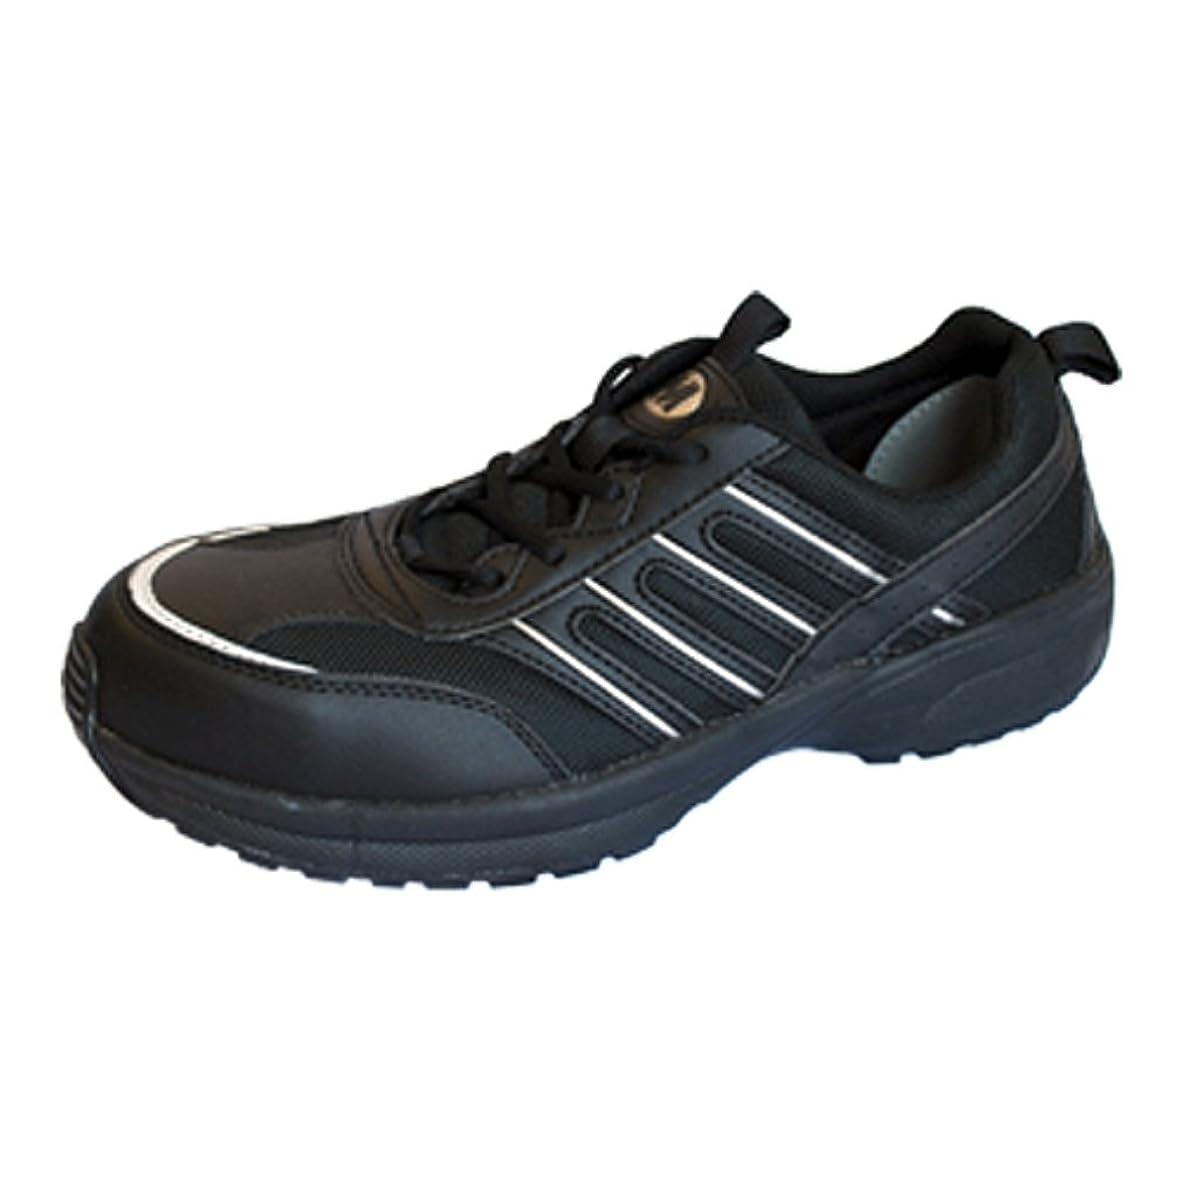 魅力ミシン突き出す[ミドリ安全] 超軽量 樹脂先芯 スニーカー ひも靴 ワークプラス MJK601 ブラック